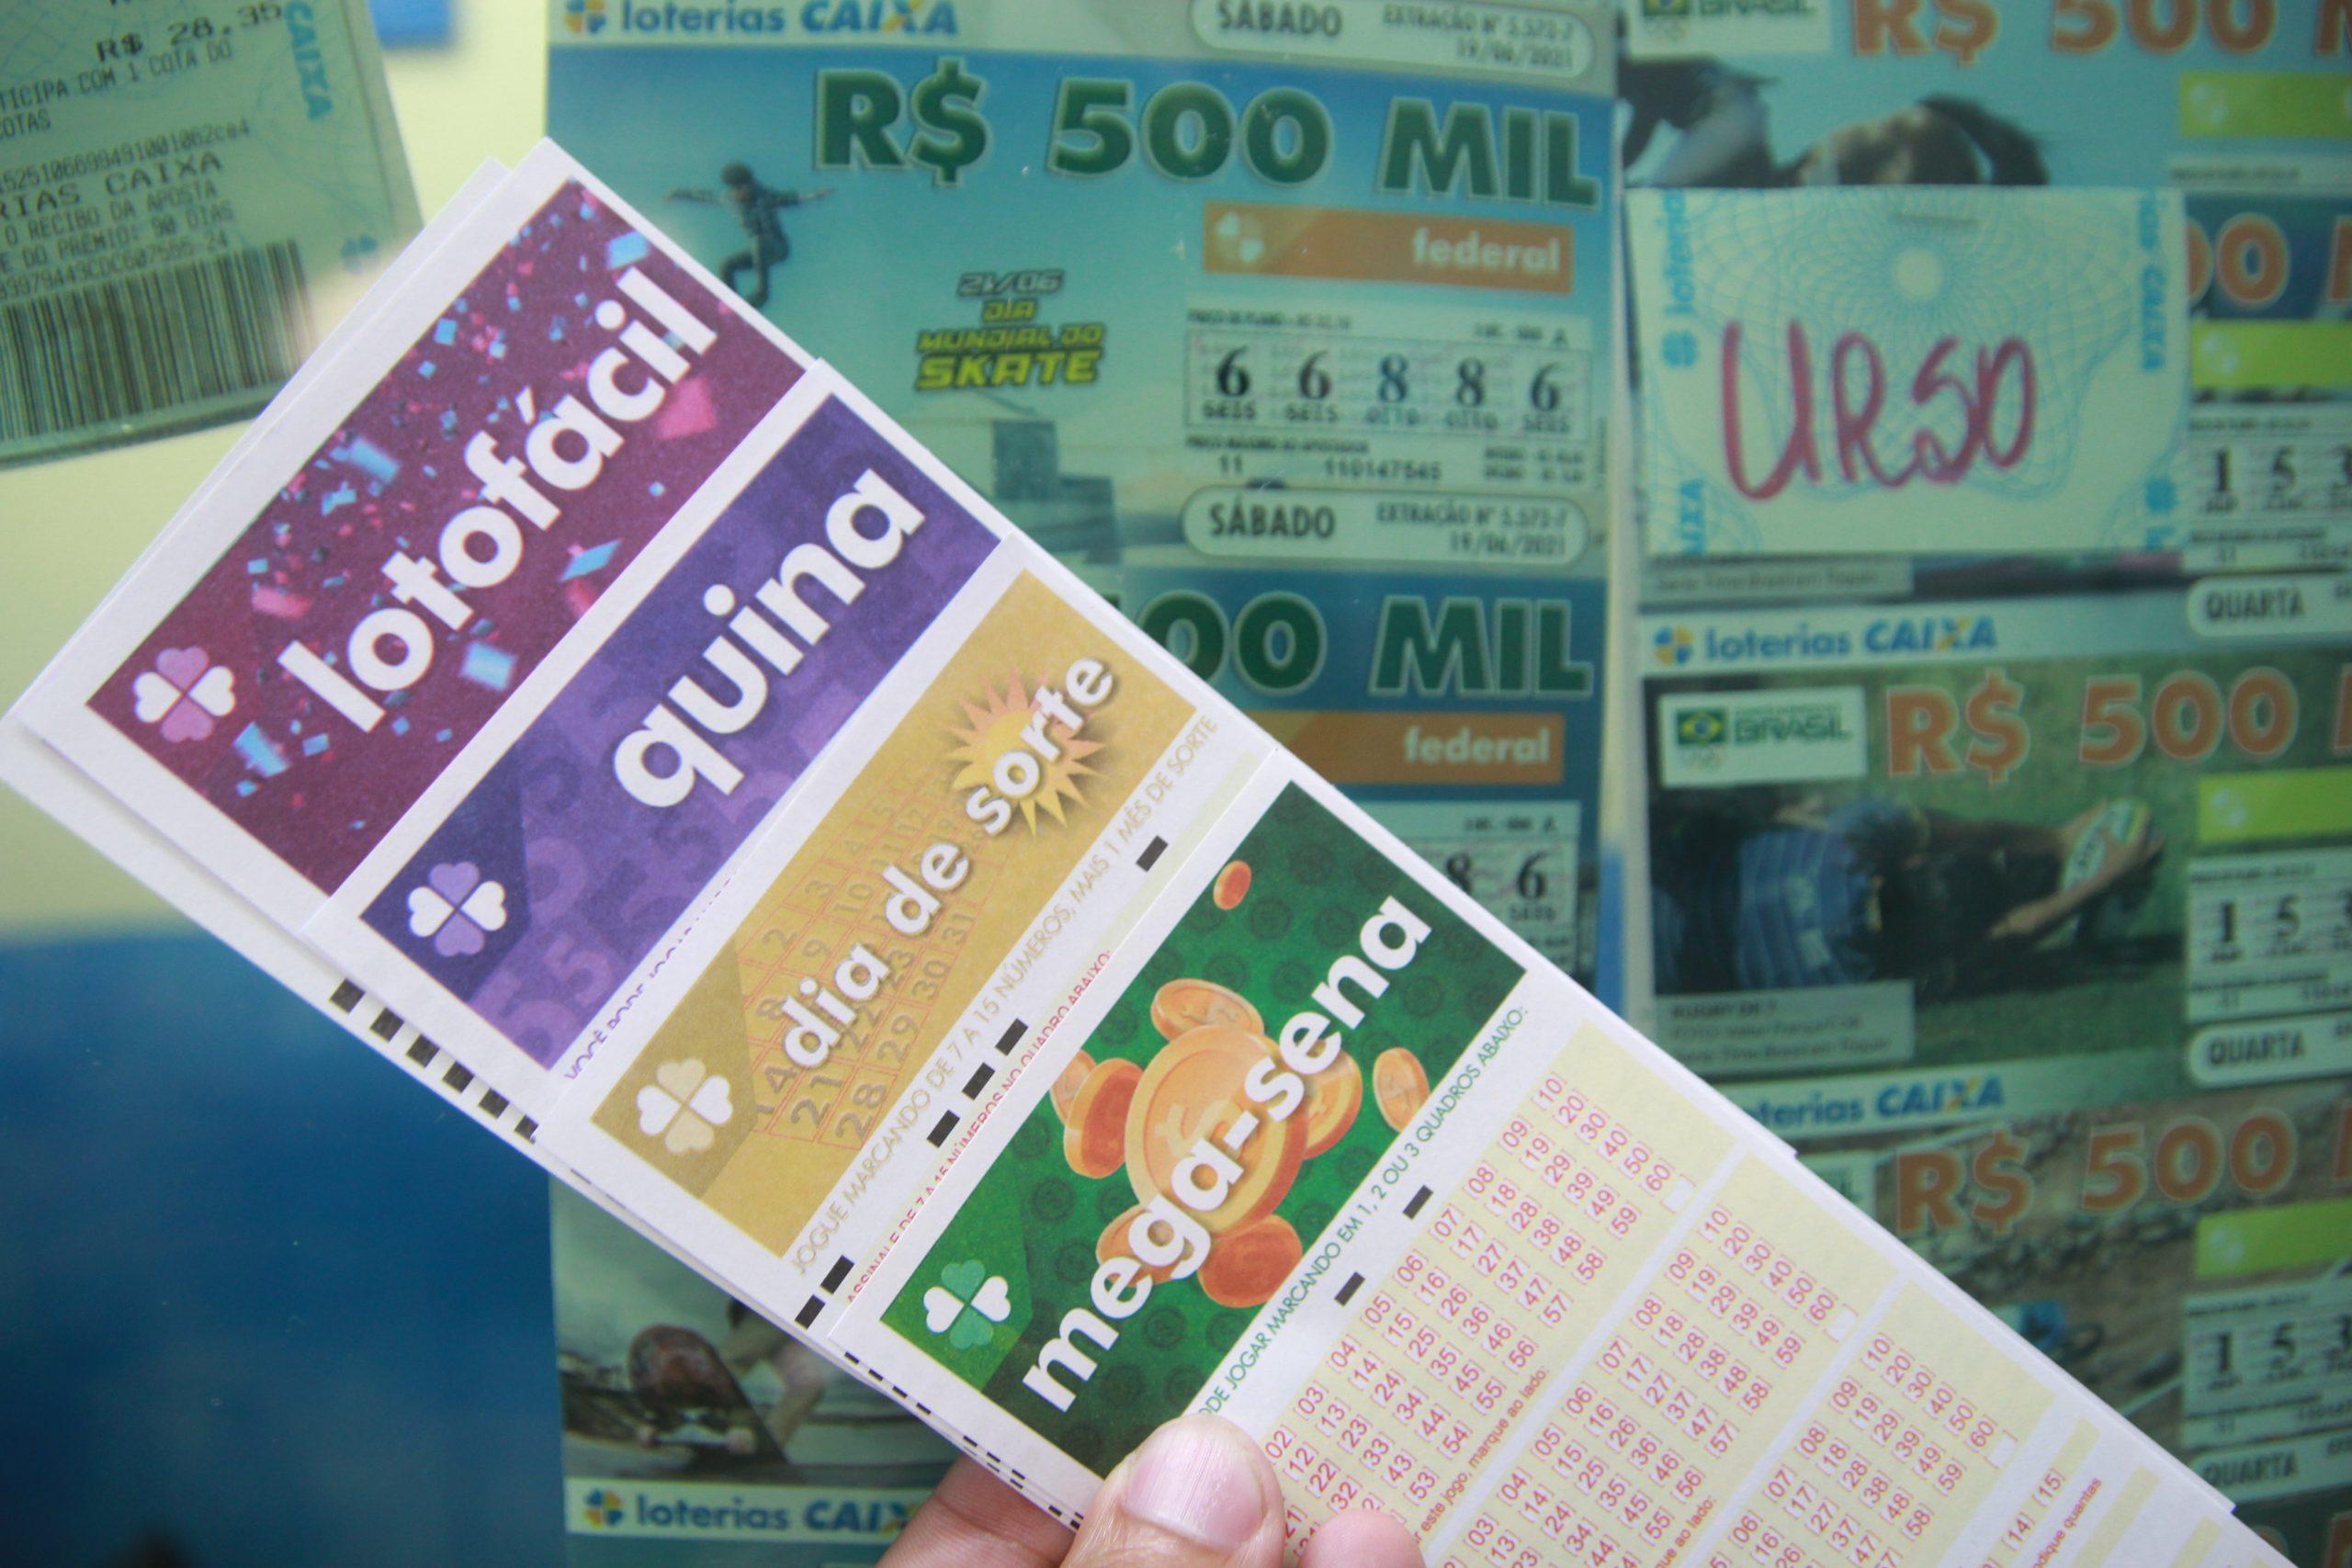 Loterias: confira o resultado da Mega-Sena 2412, Lotofácil 2332 e demais loterias de sábado (25/9)